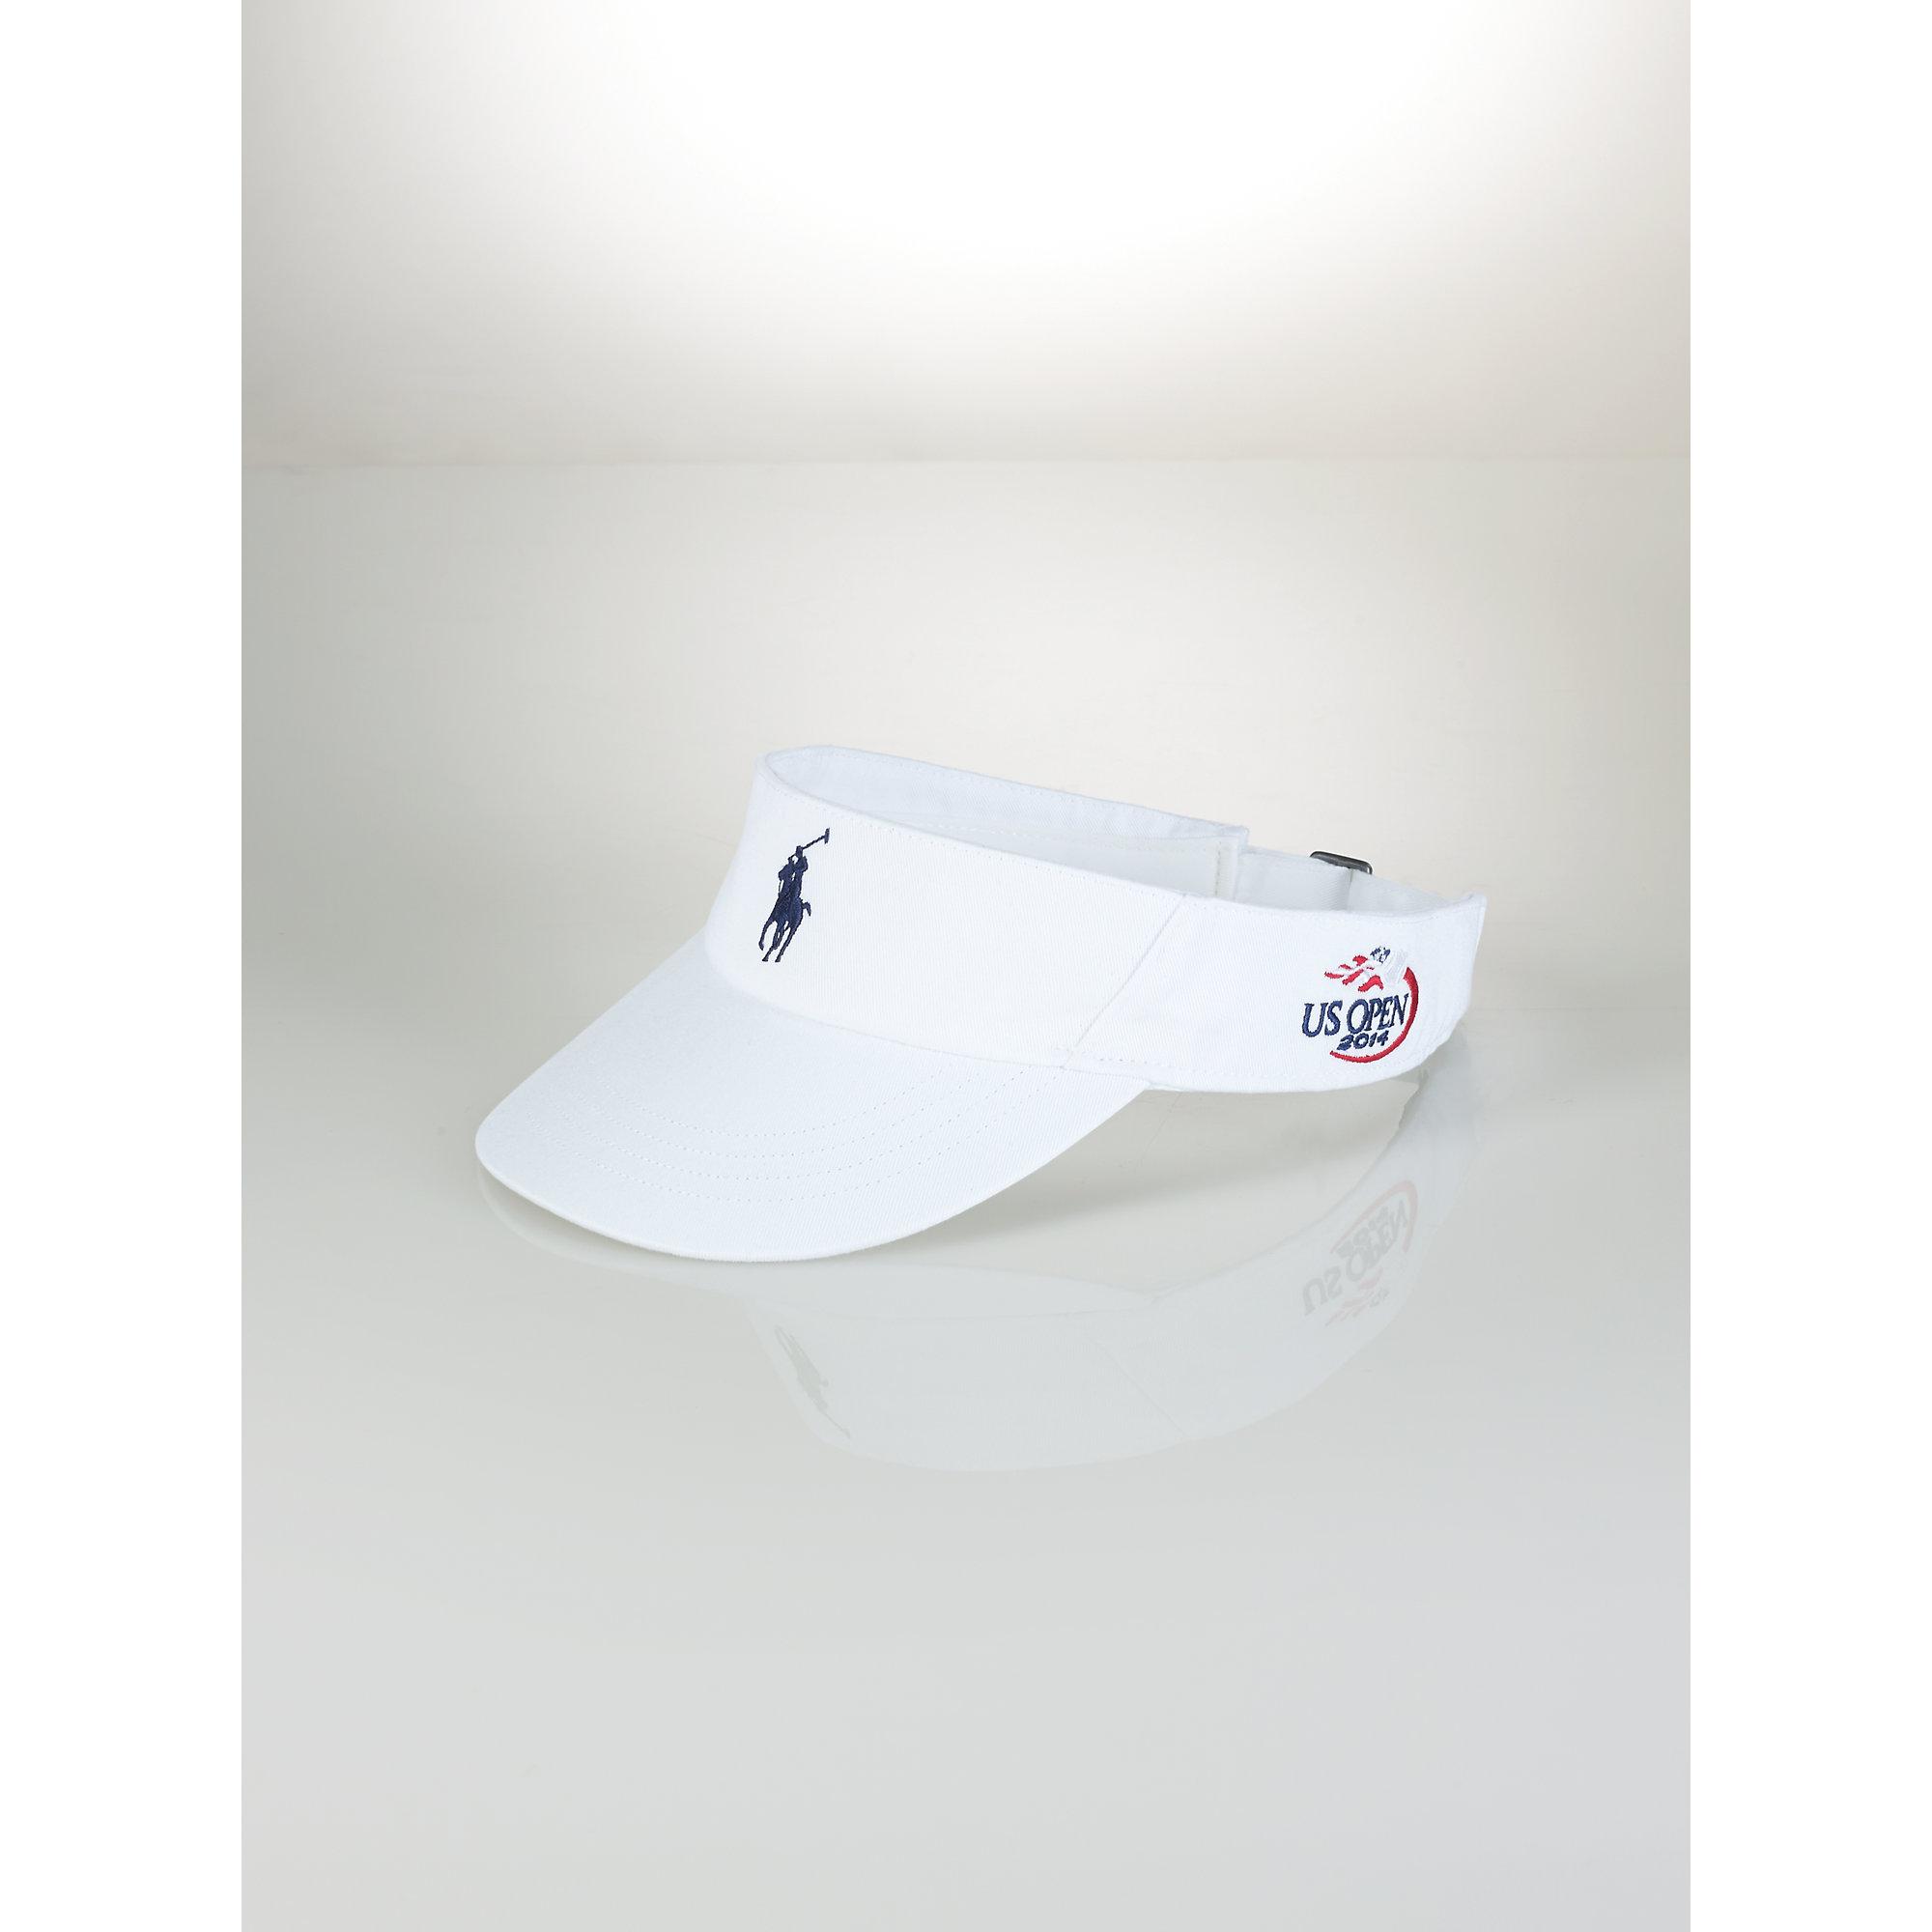 7809128179e Lyst - Polo Ralph Lauren Us Open Pony Visor in White for Men